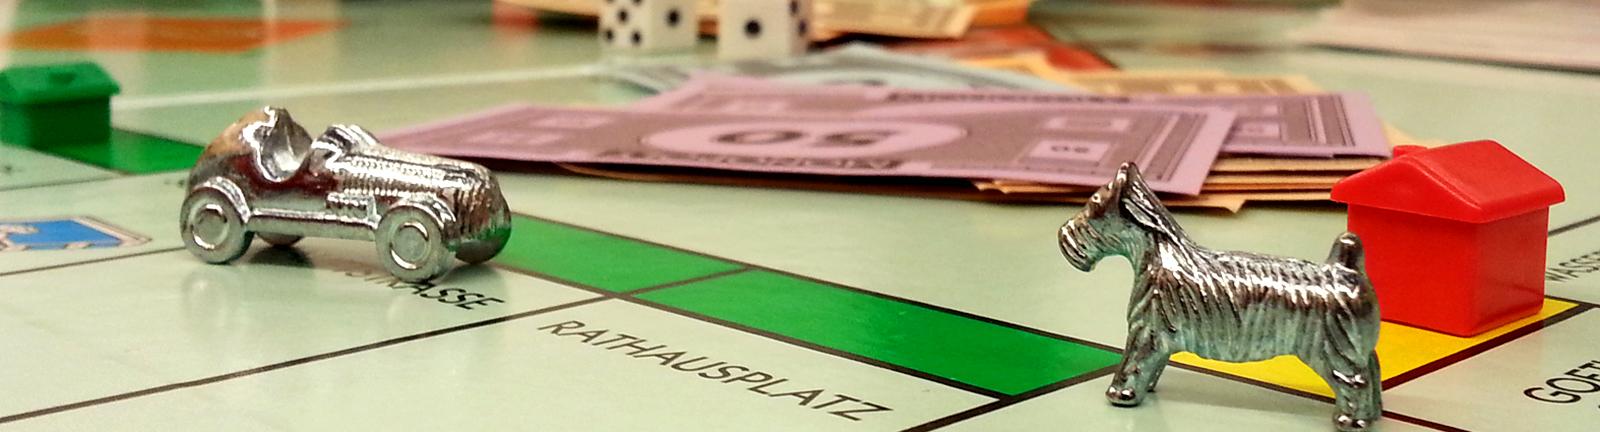 Spielfigur auf Monopoly-Brett